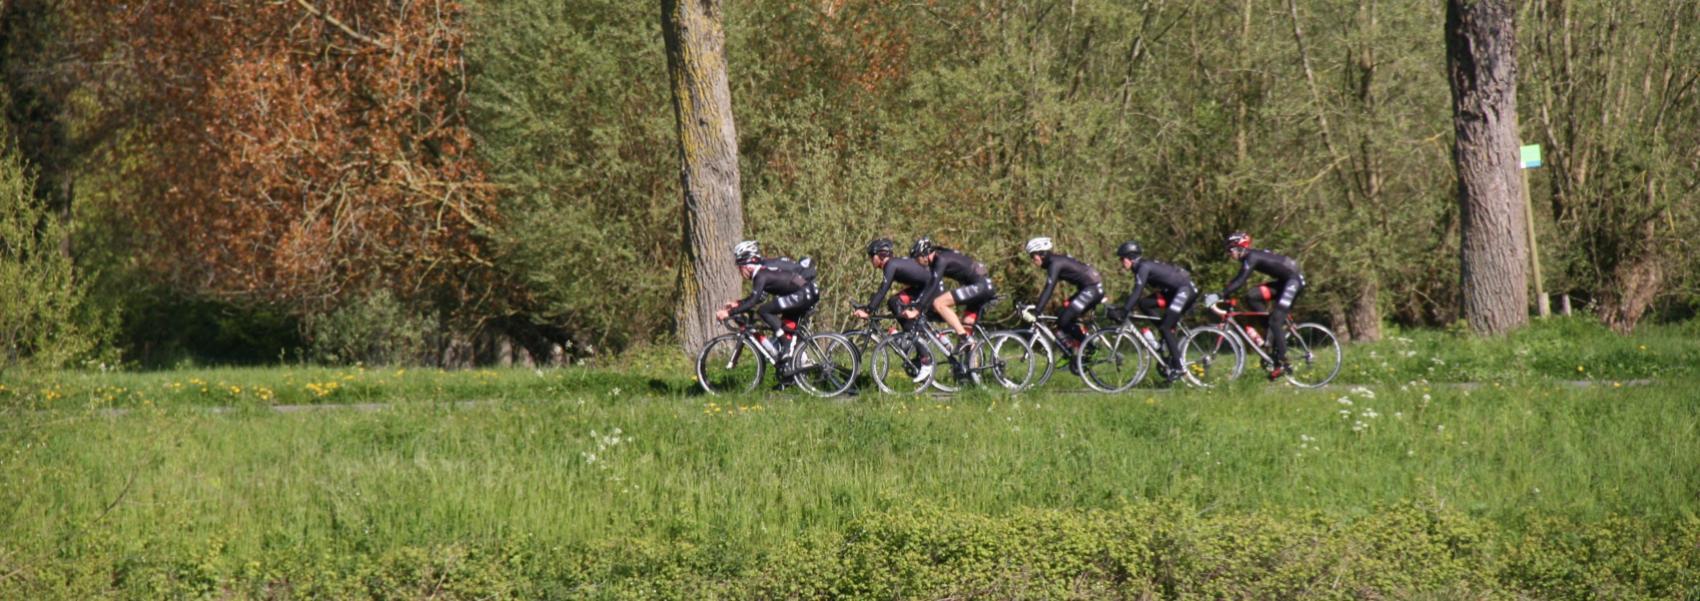 groep fietsers